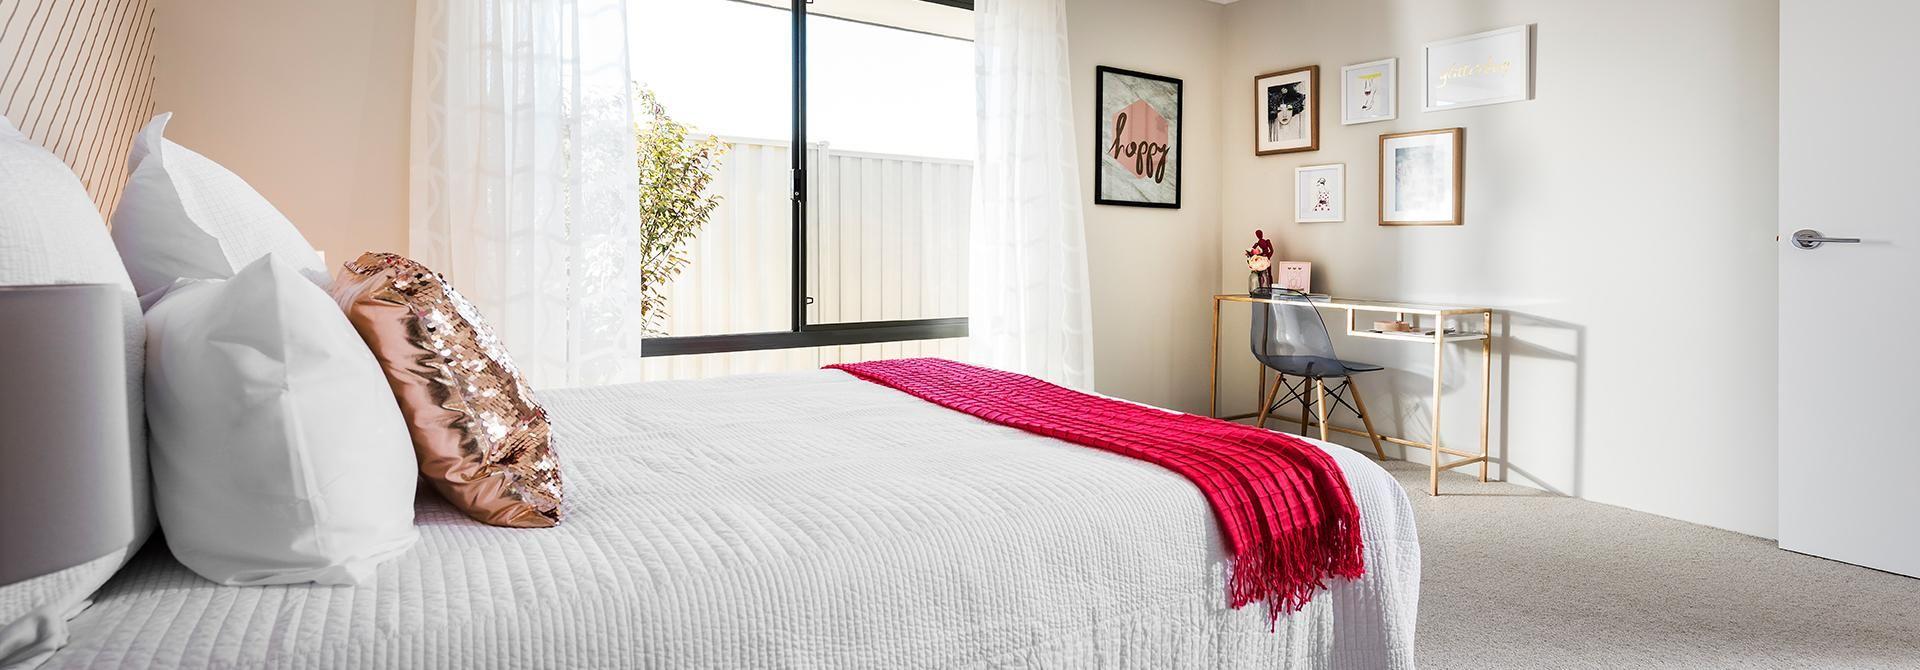 New Home Design Perth Aston I Dale Alcock Homes Con